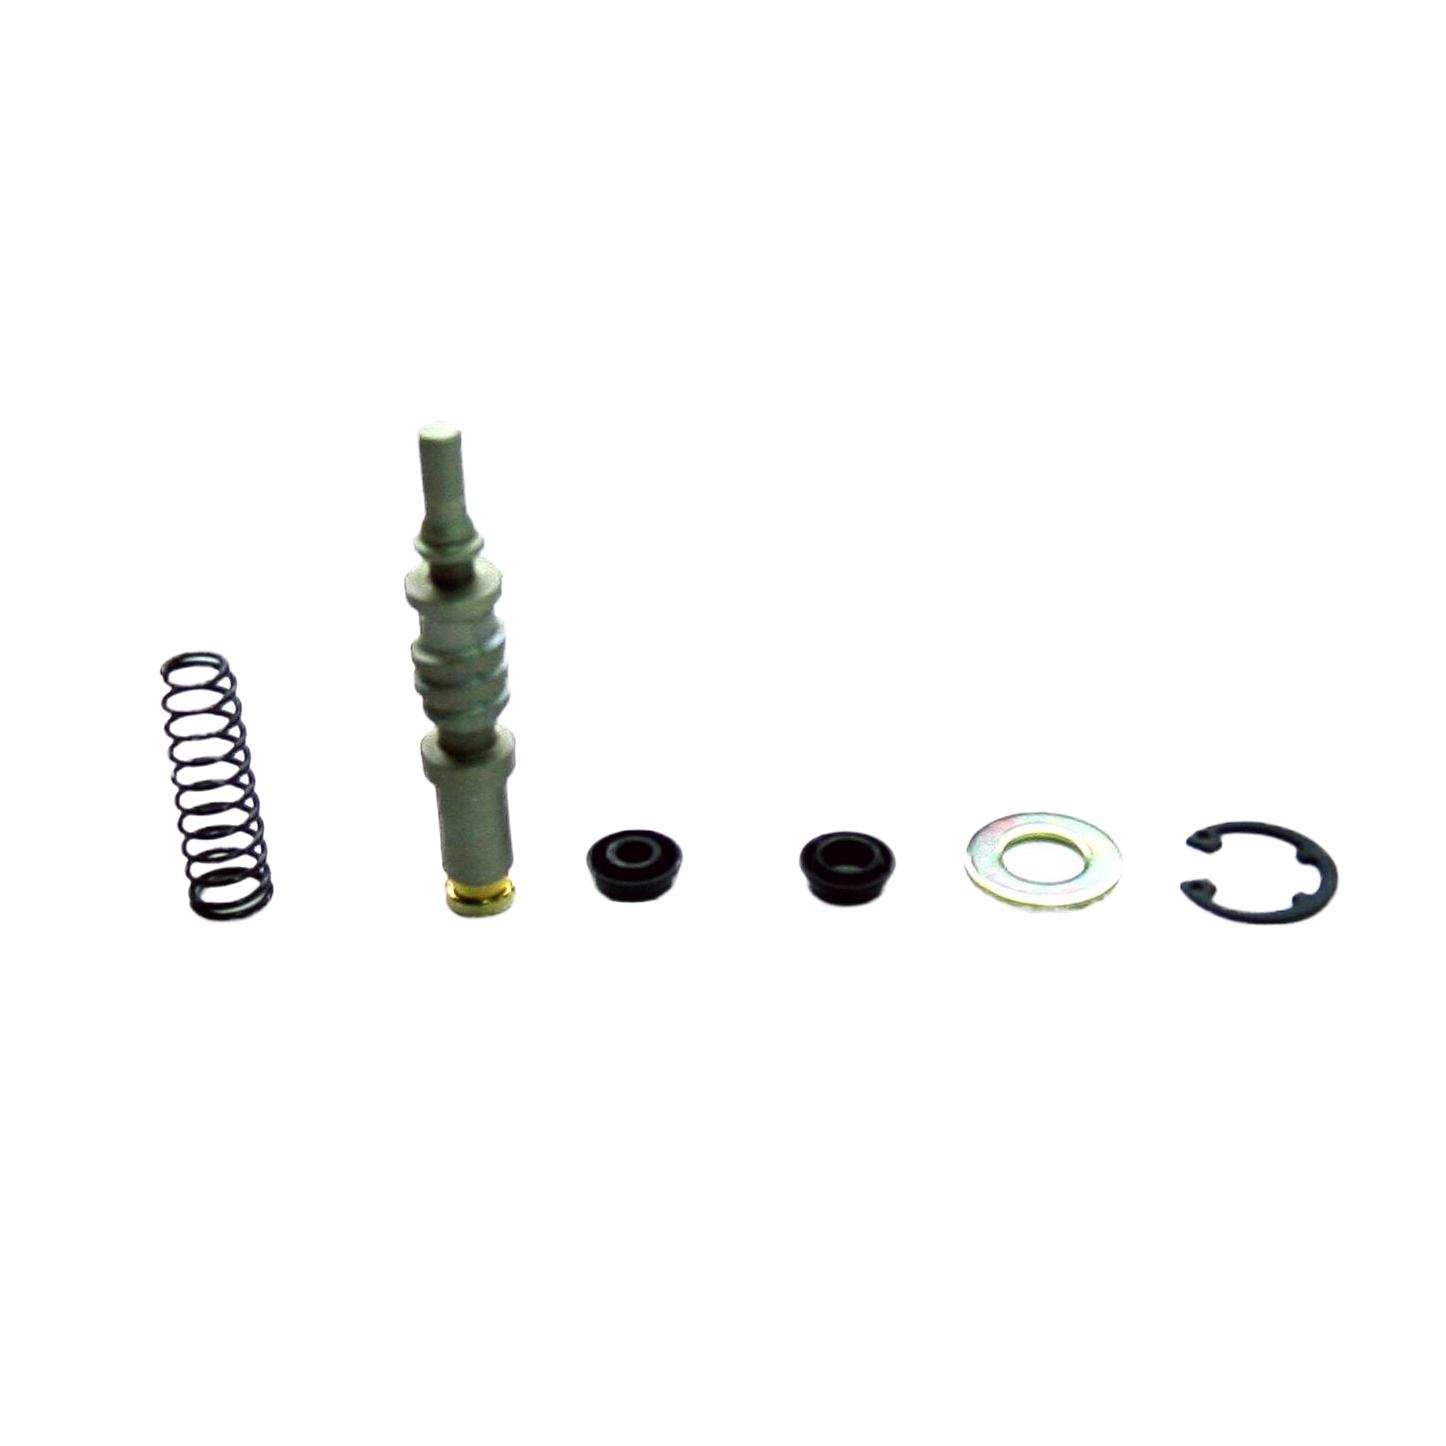 Kit réparation maître-cylindre de frein avant Tour Max Honda CR 250R 8